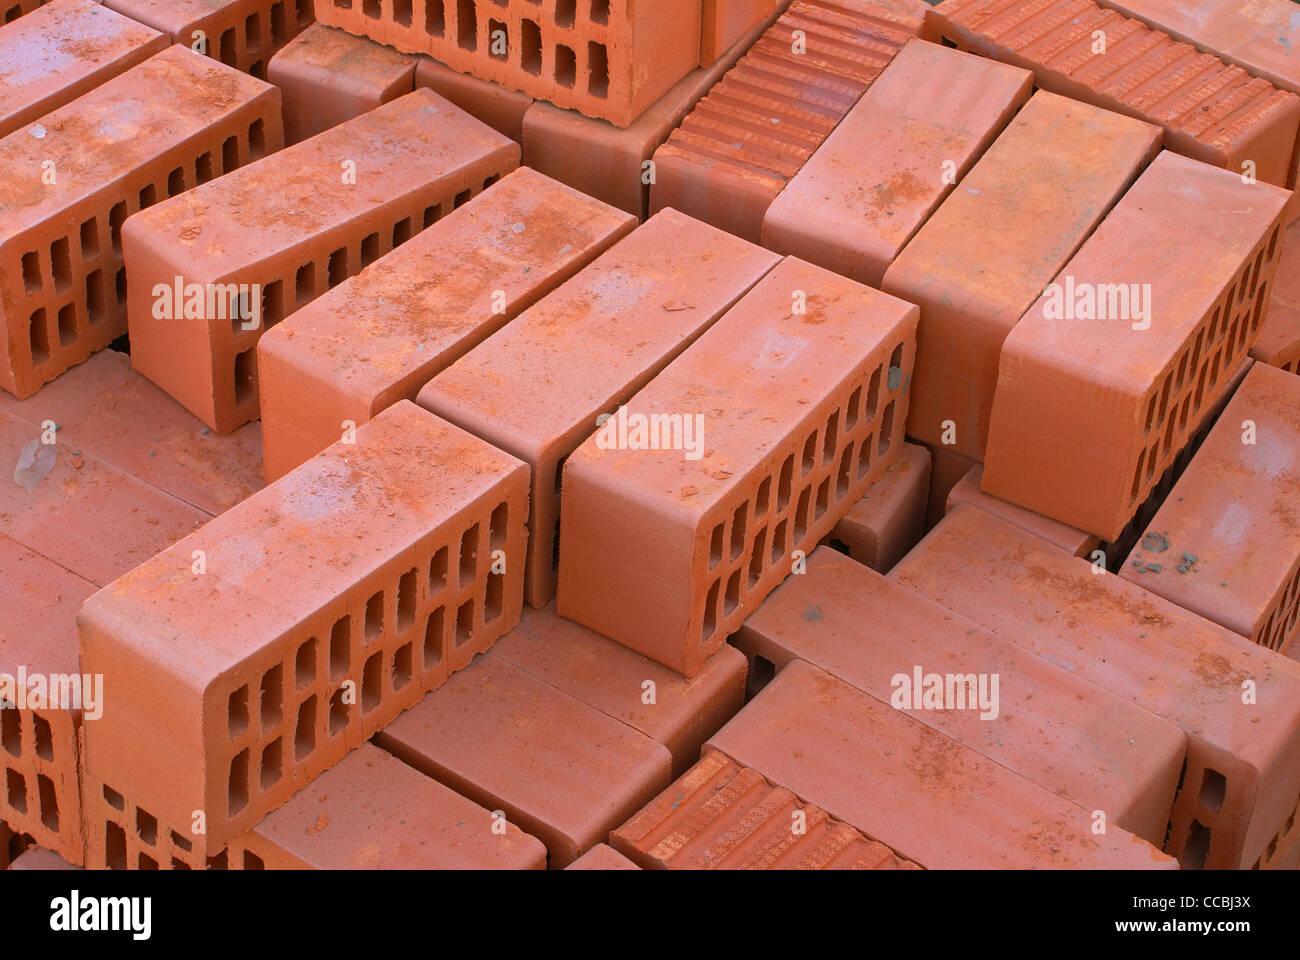 Mattoni rossi silicato con aperture su edificio. Immagini Stock